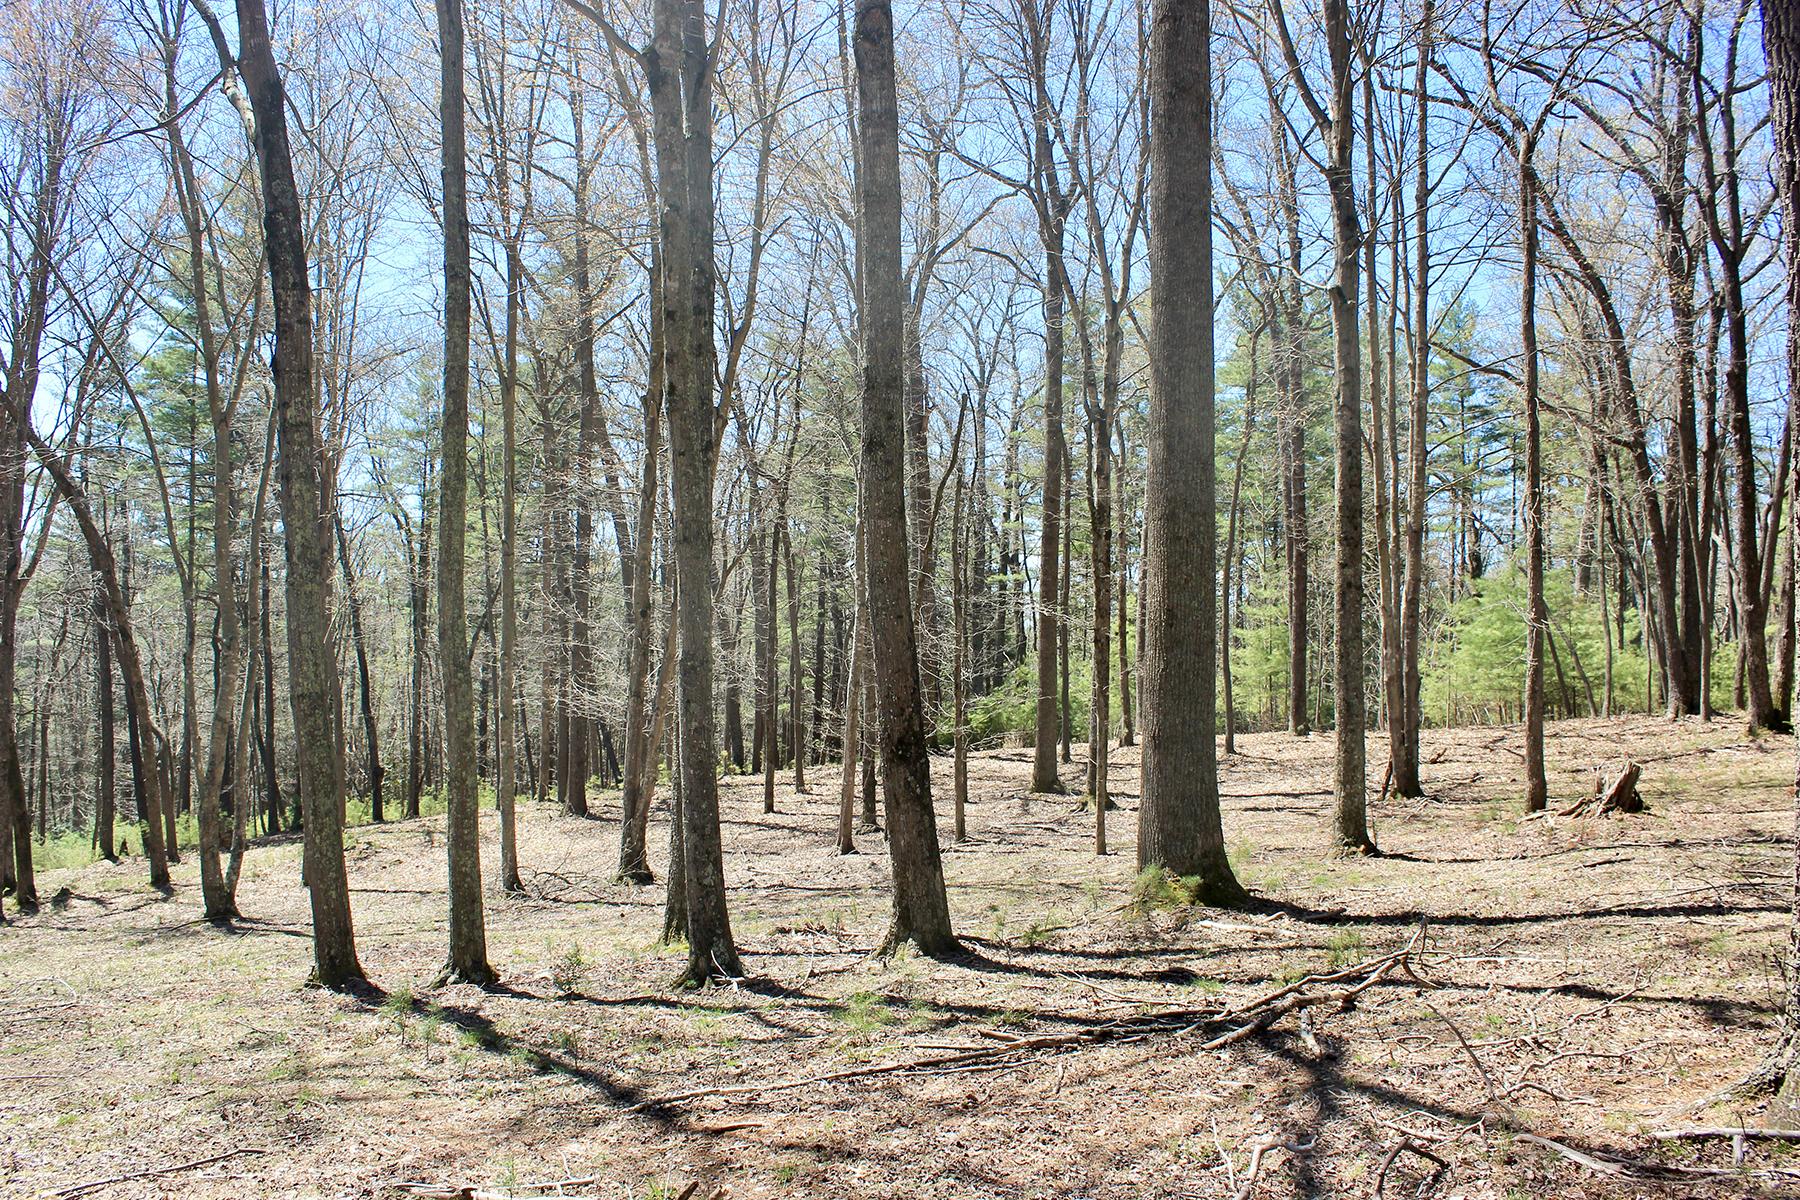 Οικόπεδο για την Πώληση στο BILTMORE FOREST Lot 2 Cedar Hill Drive, Biltmore Forest, Βορεια Καρολινα 28803 Ηνωμένες Πολιτείες